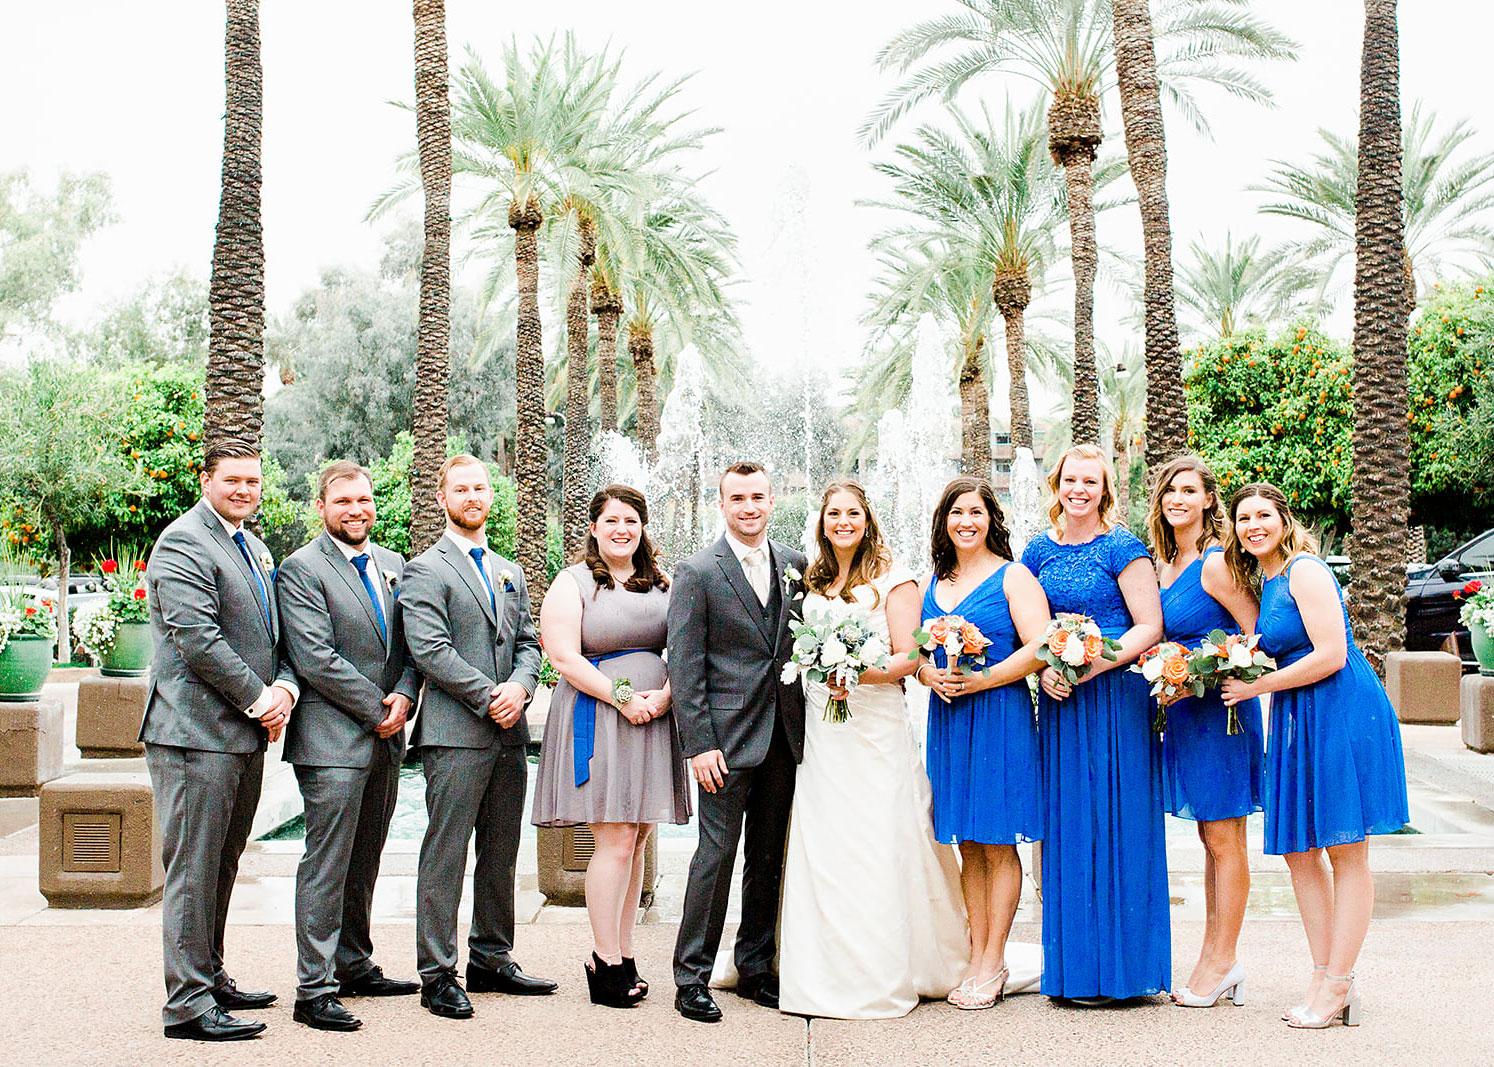 Amanda_and_Chris-Gainey_Ranch_Scottsdale_Arizona_Wedding_Featured-Image